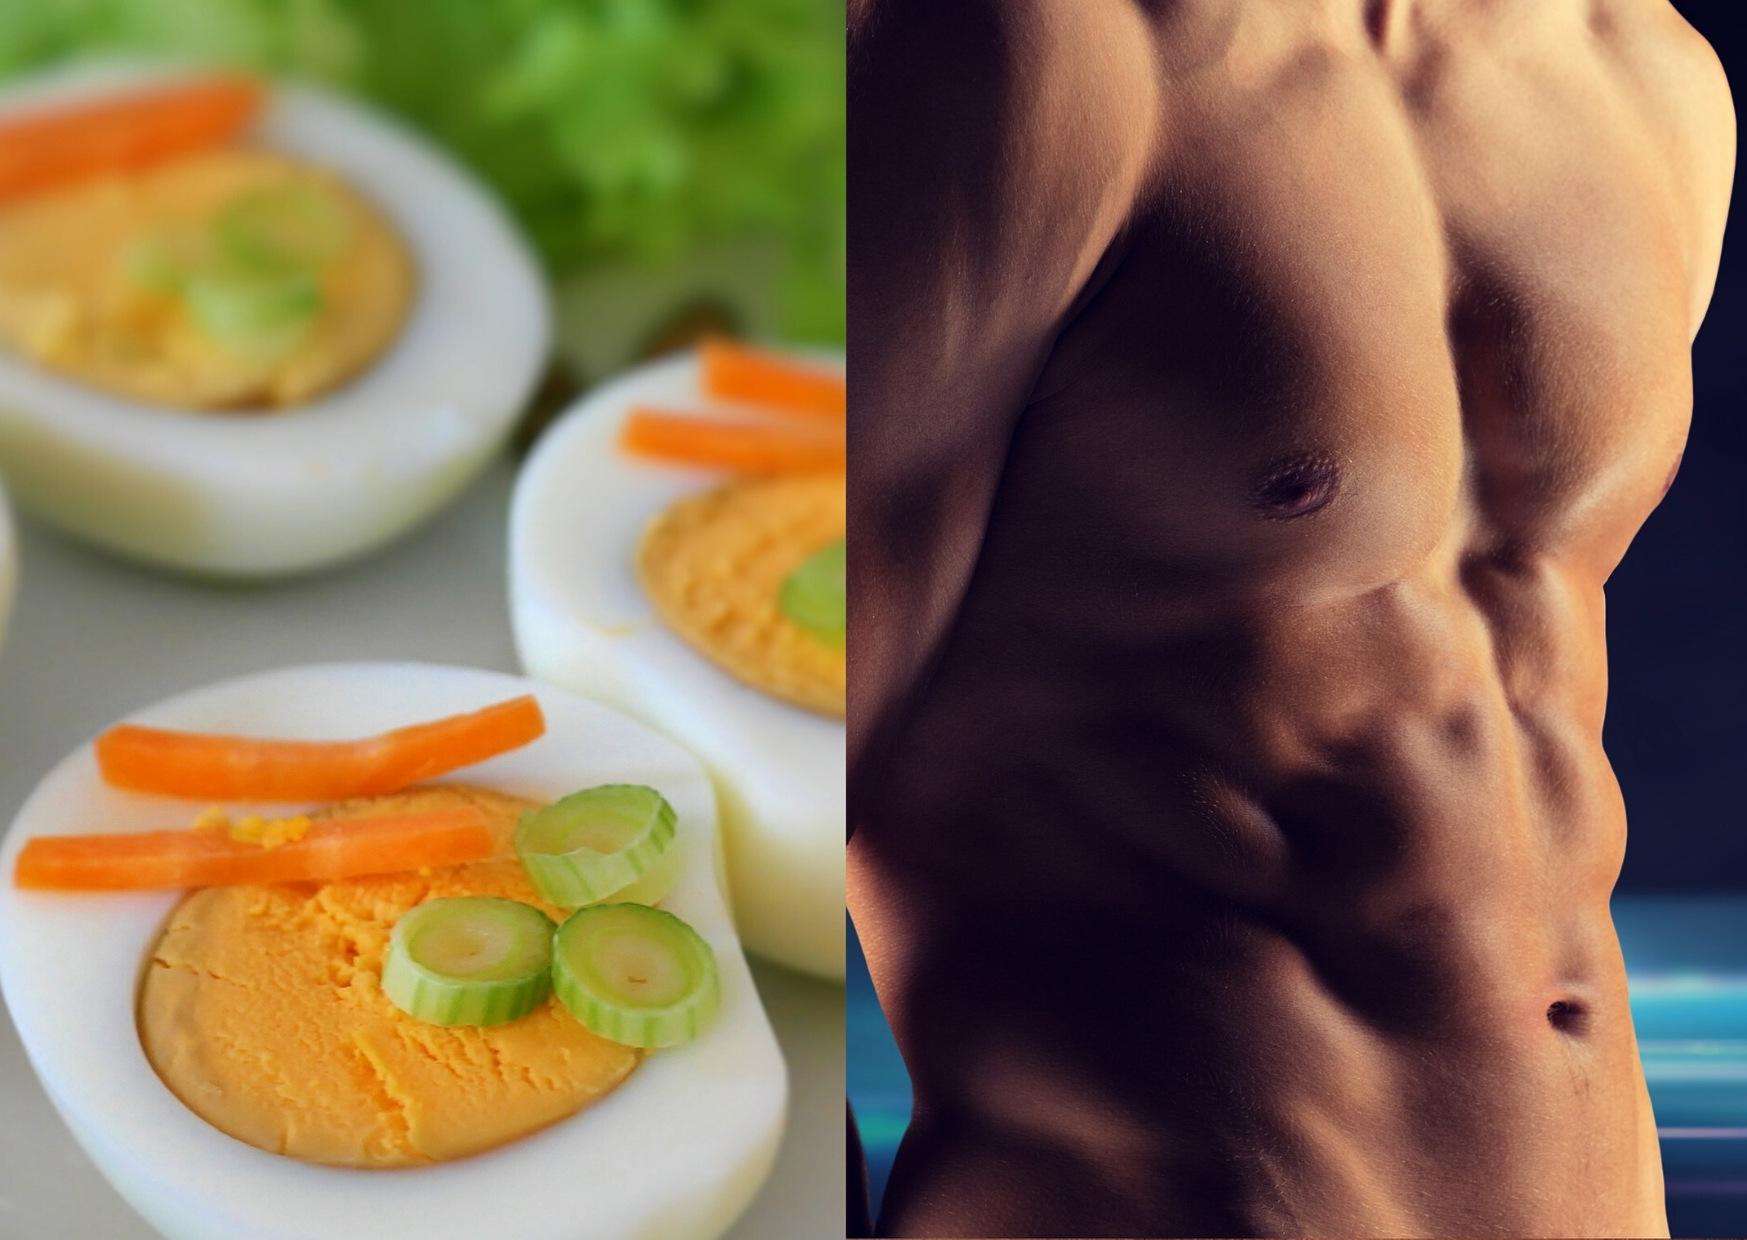 Für mehr Muskeln besser das ganze Ei essen